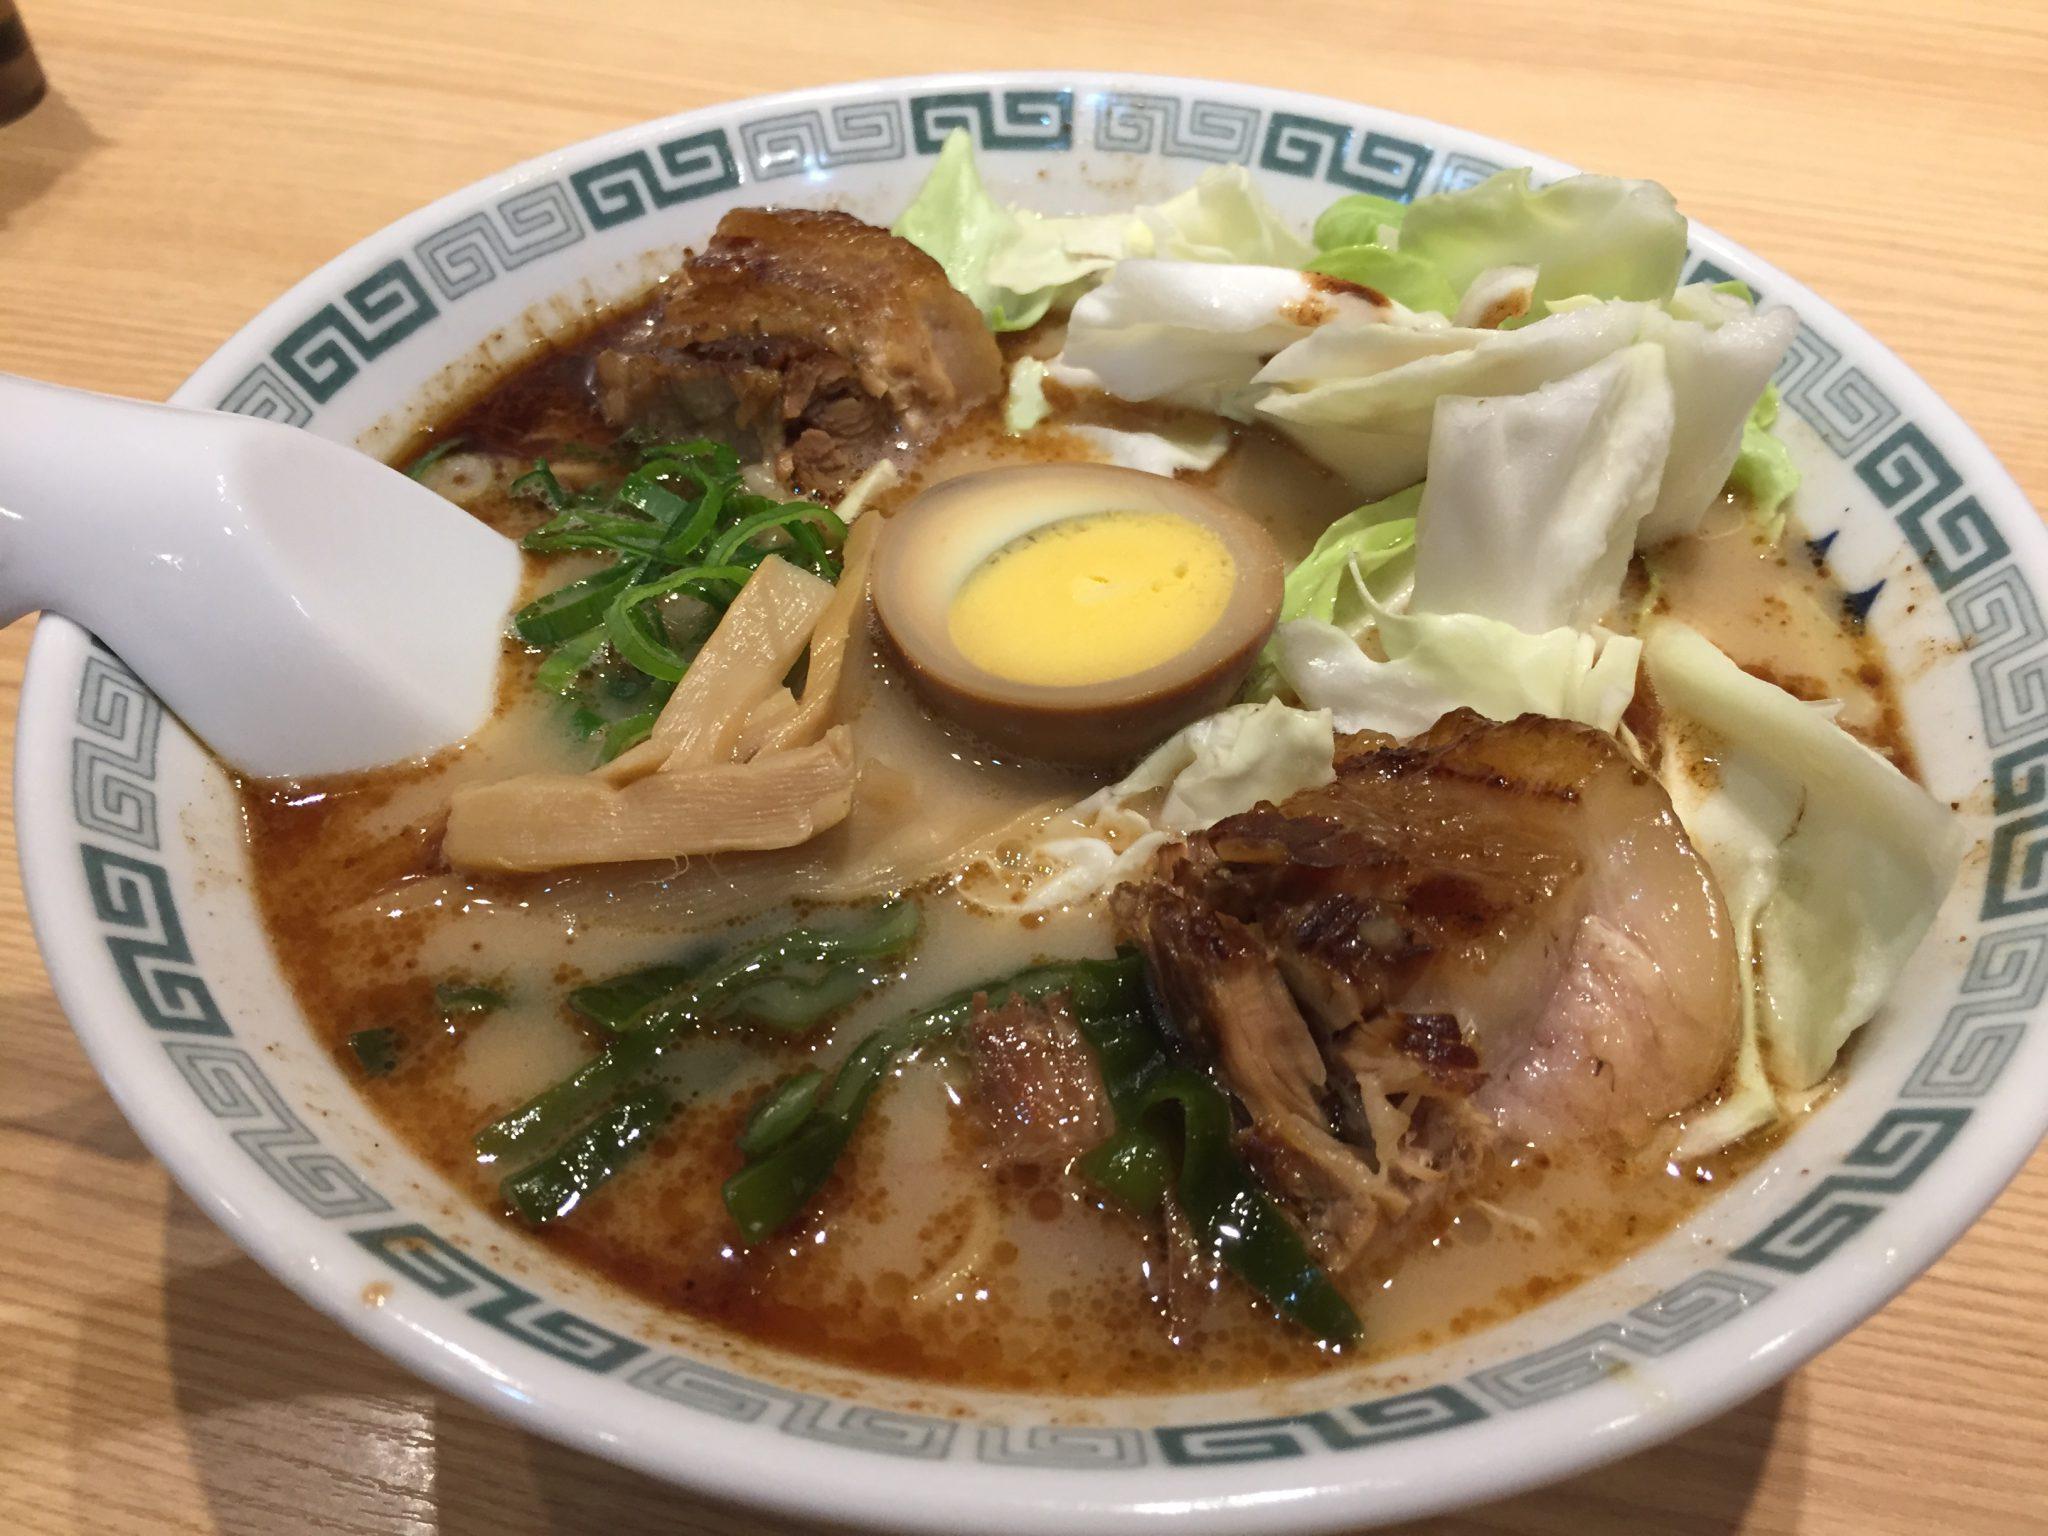 桂花ラーメン 渋谷センター街店|渋谷で熊本ラーメンランチ~夏日でも渋谷に行ったら食べたくなるラーメン